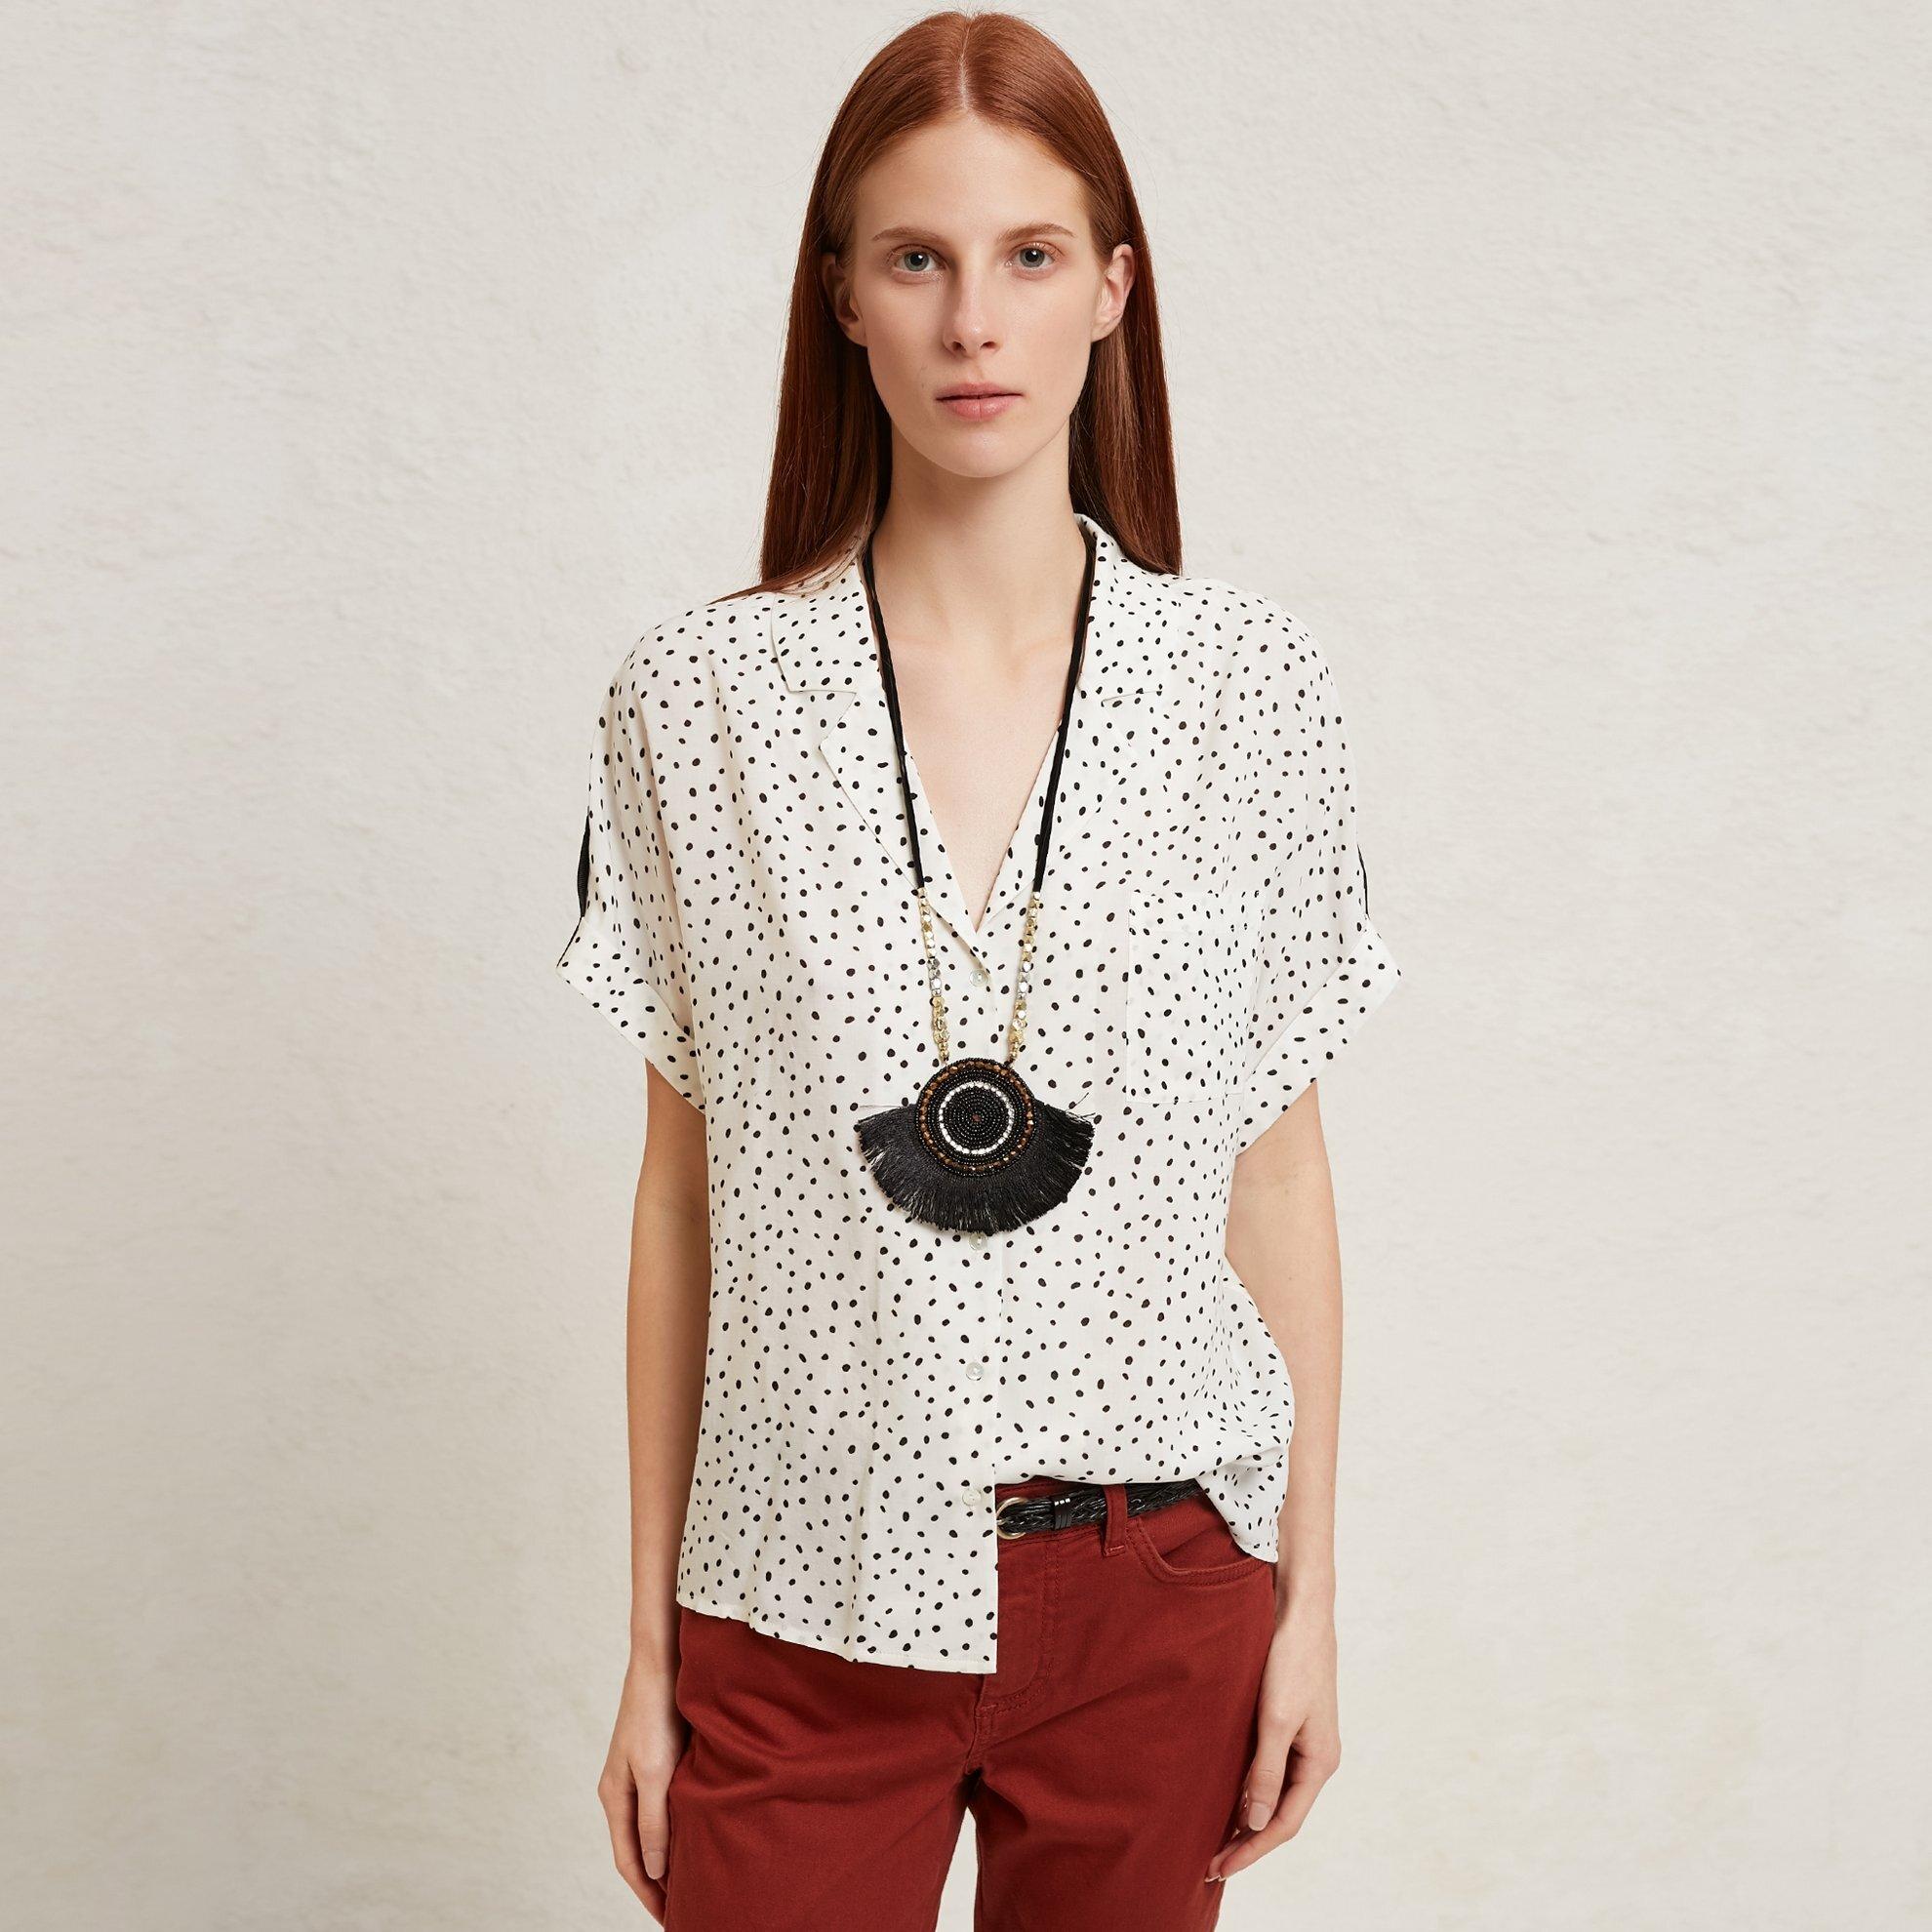 Damen Hemd kurzarm mit Taschen